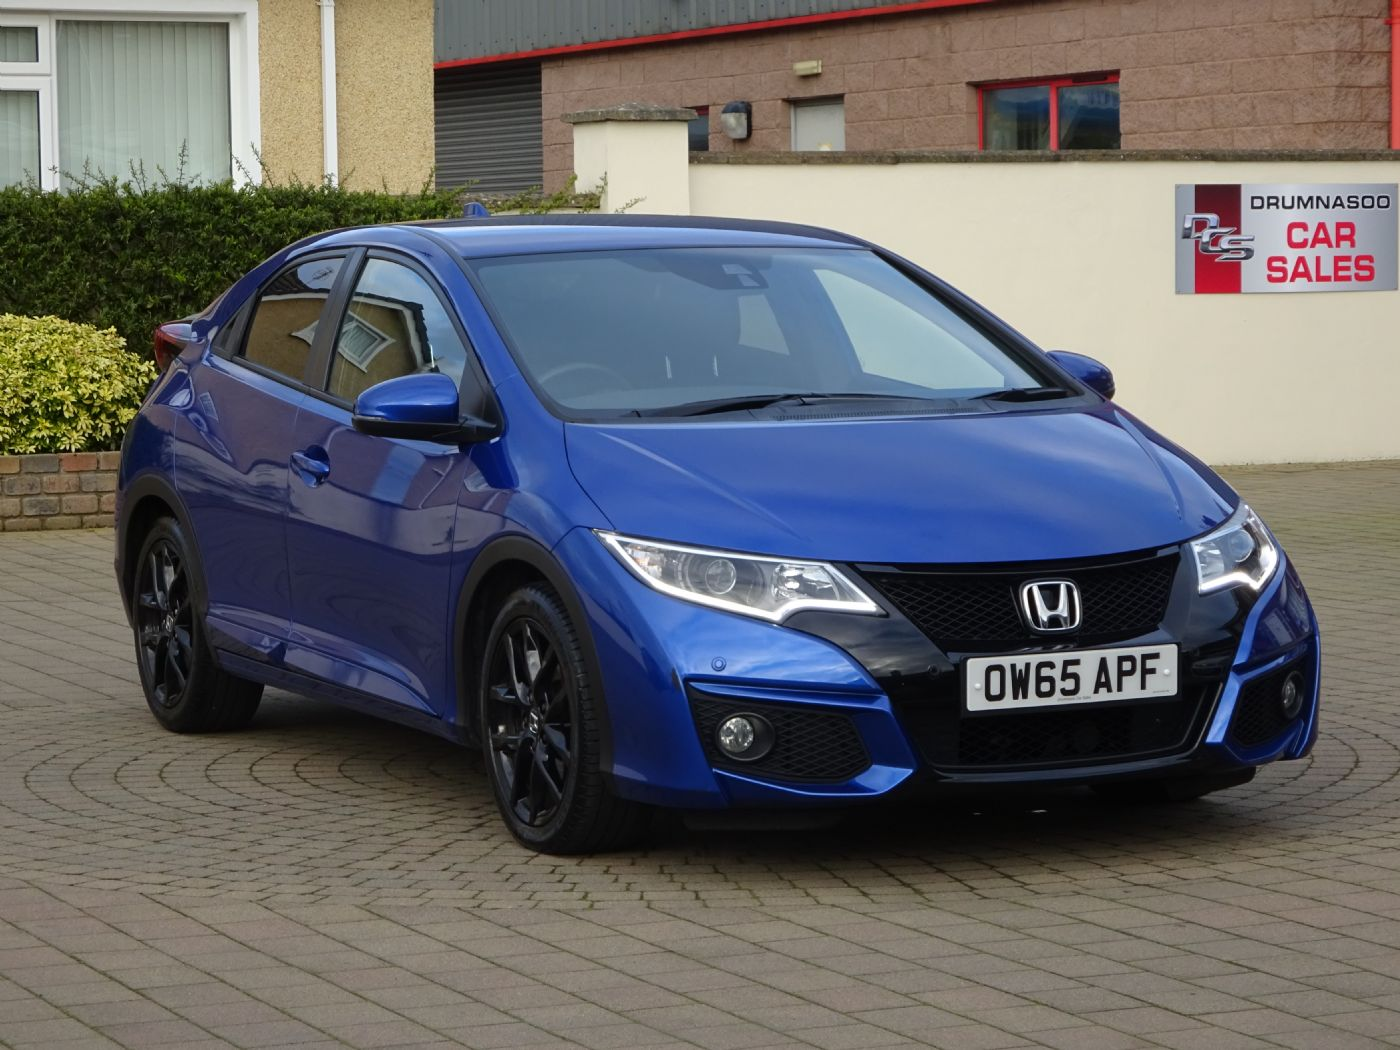 Honda Civic 1.6 I-Dtec Sport, Rear parking camera, Zero road tax